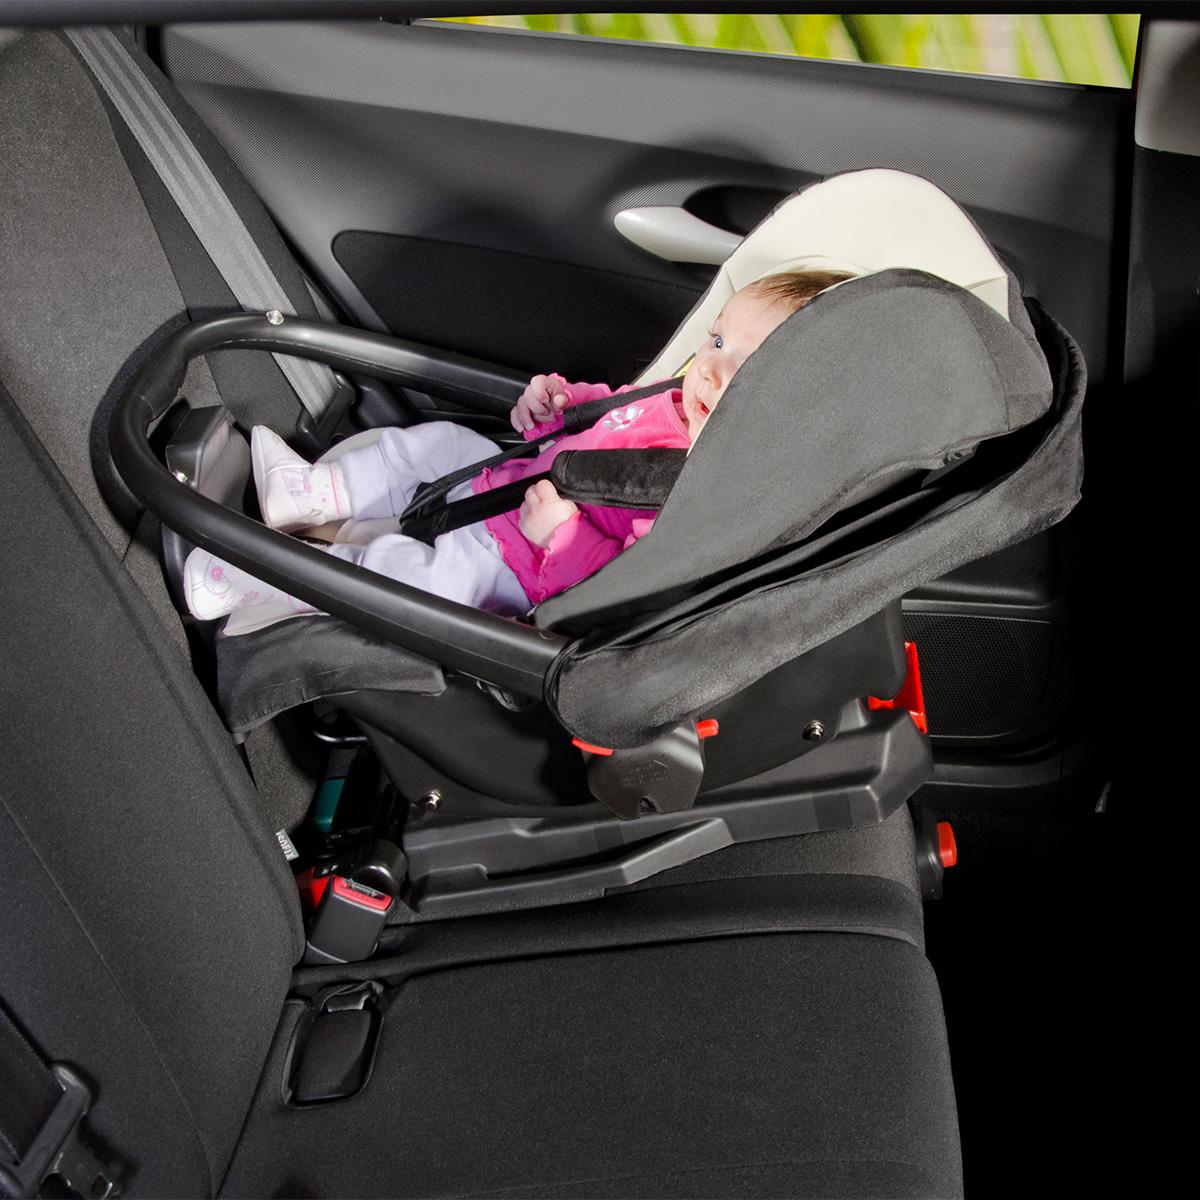 752ed091ccea7 Tudo que você precisa saber sobre o bebê conforto do seu filho